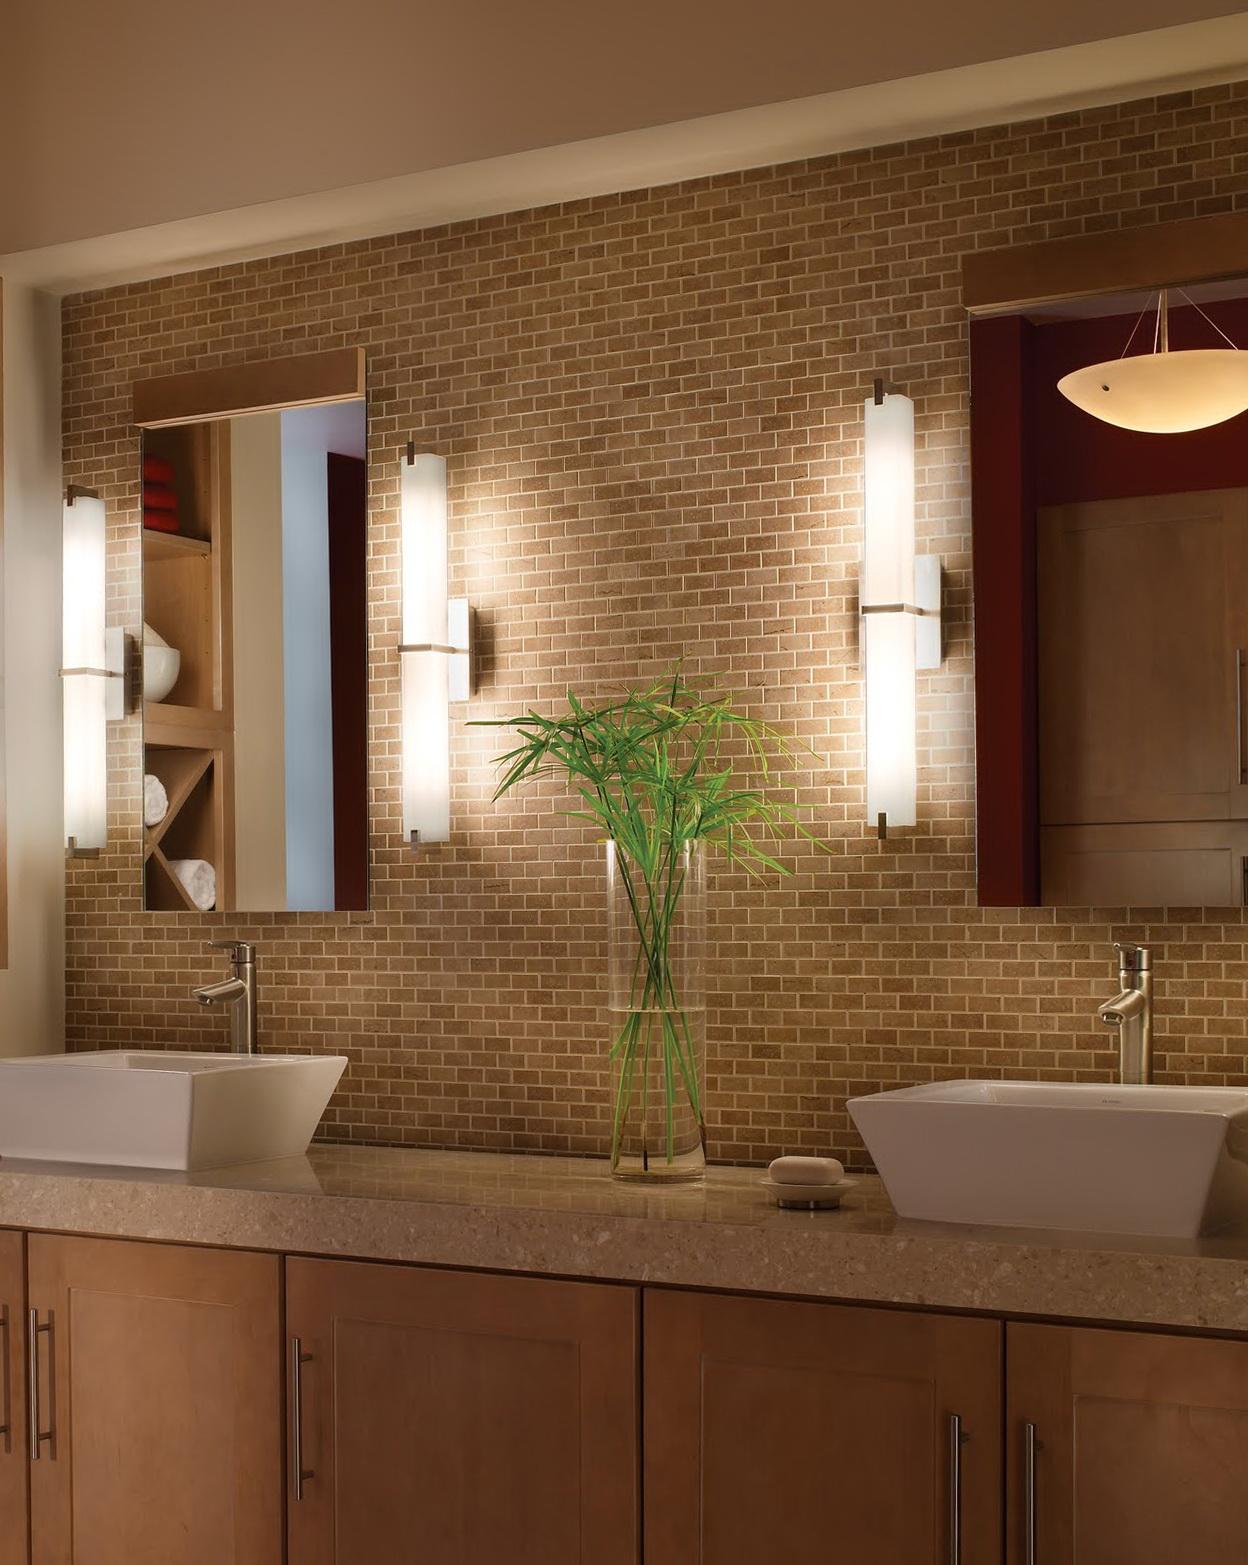 Bathroom Lighting Ideas Pinterest